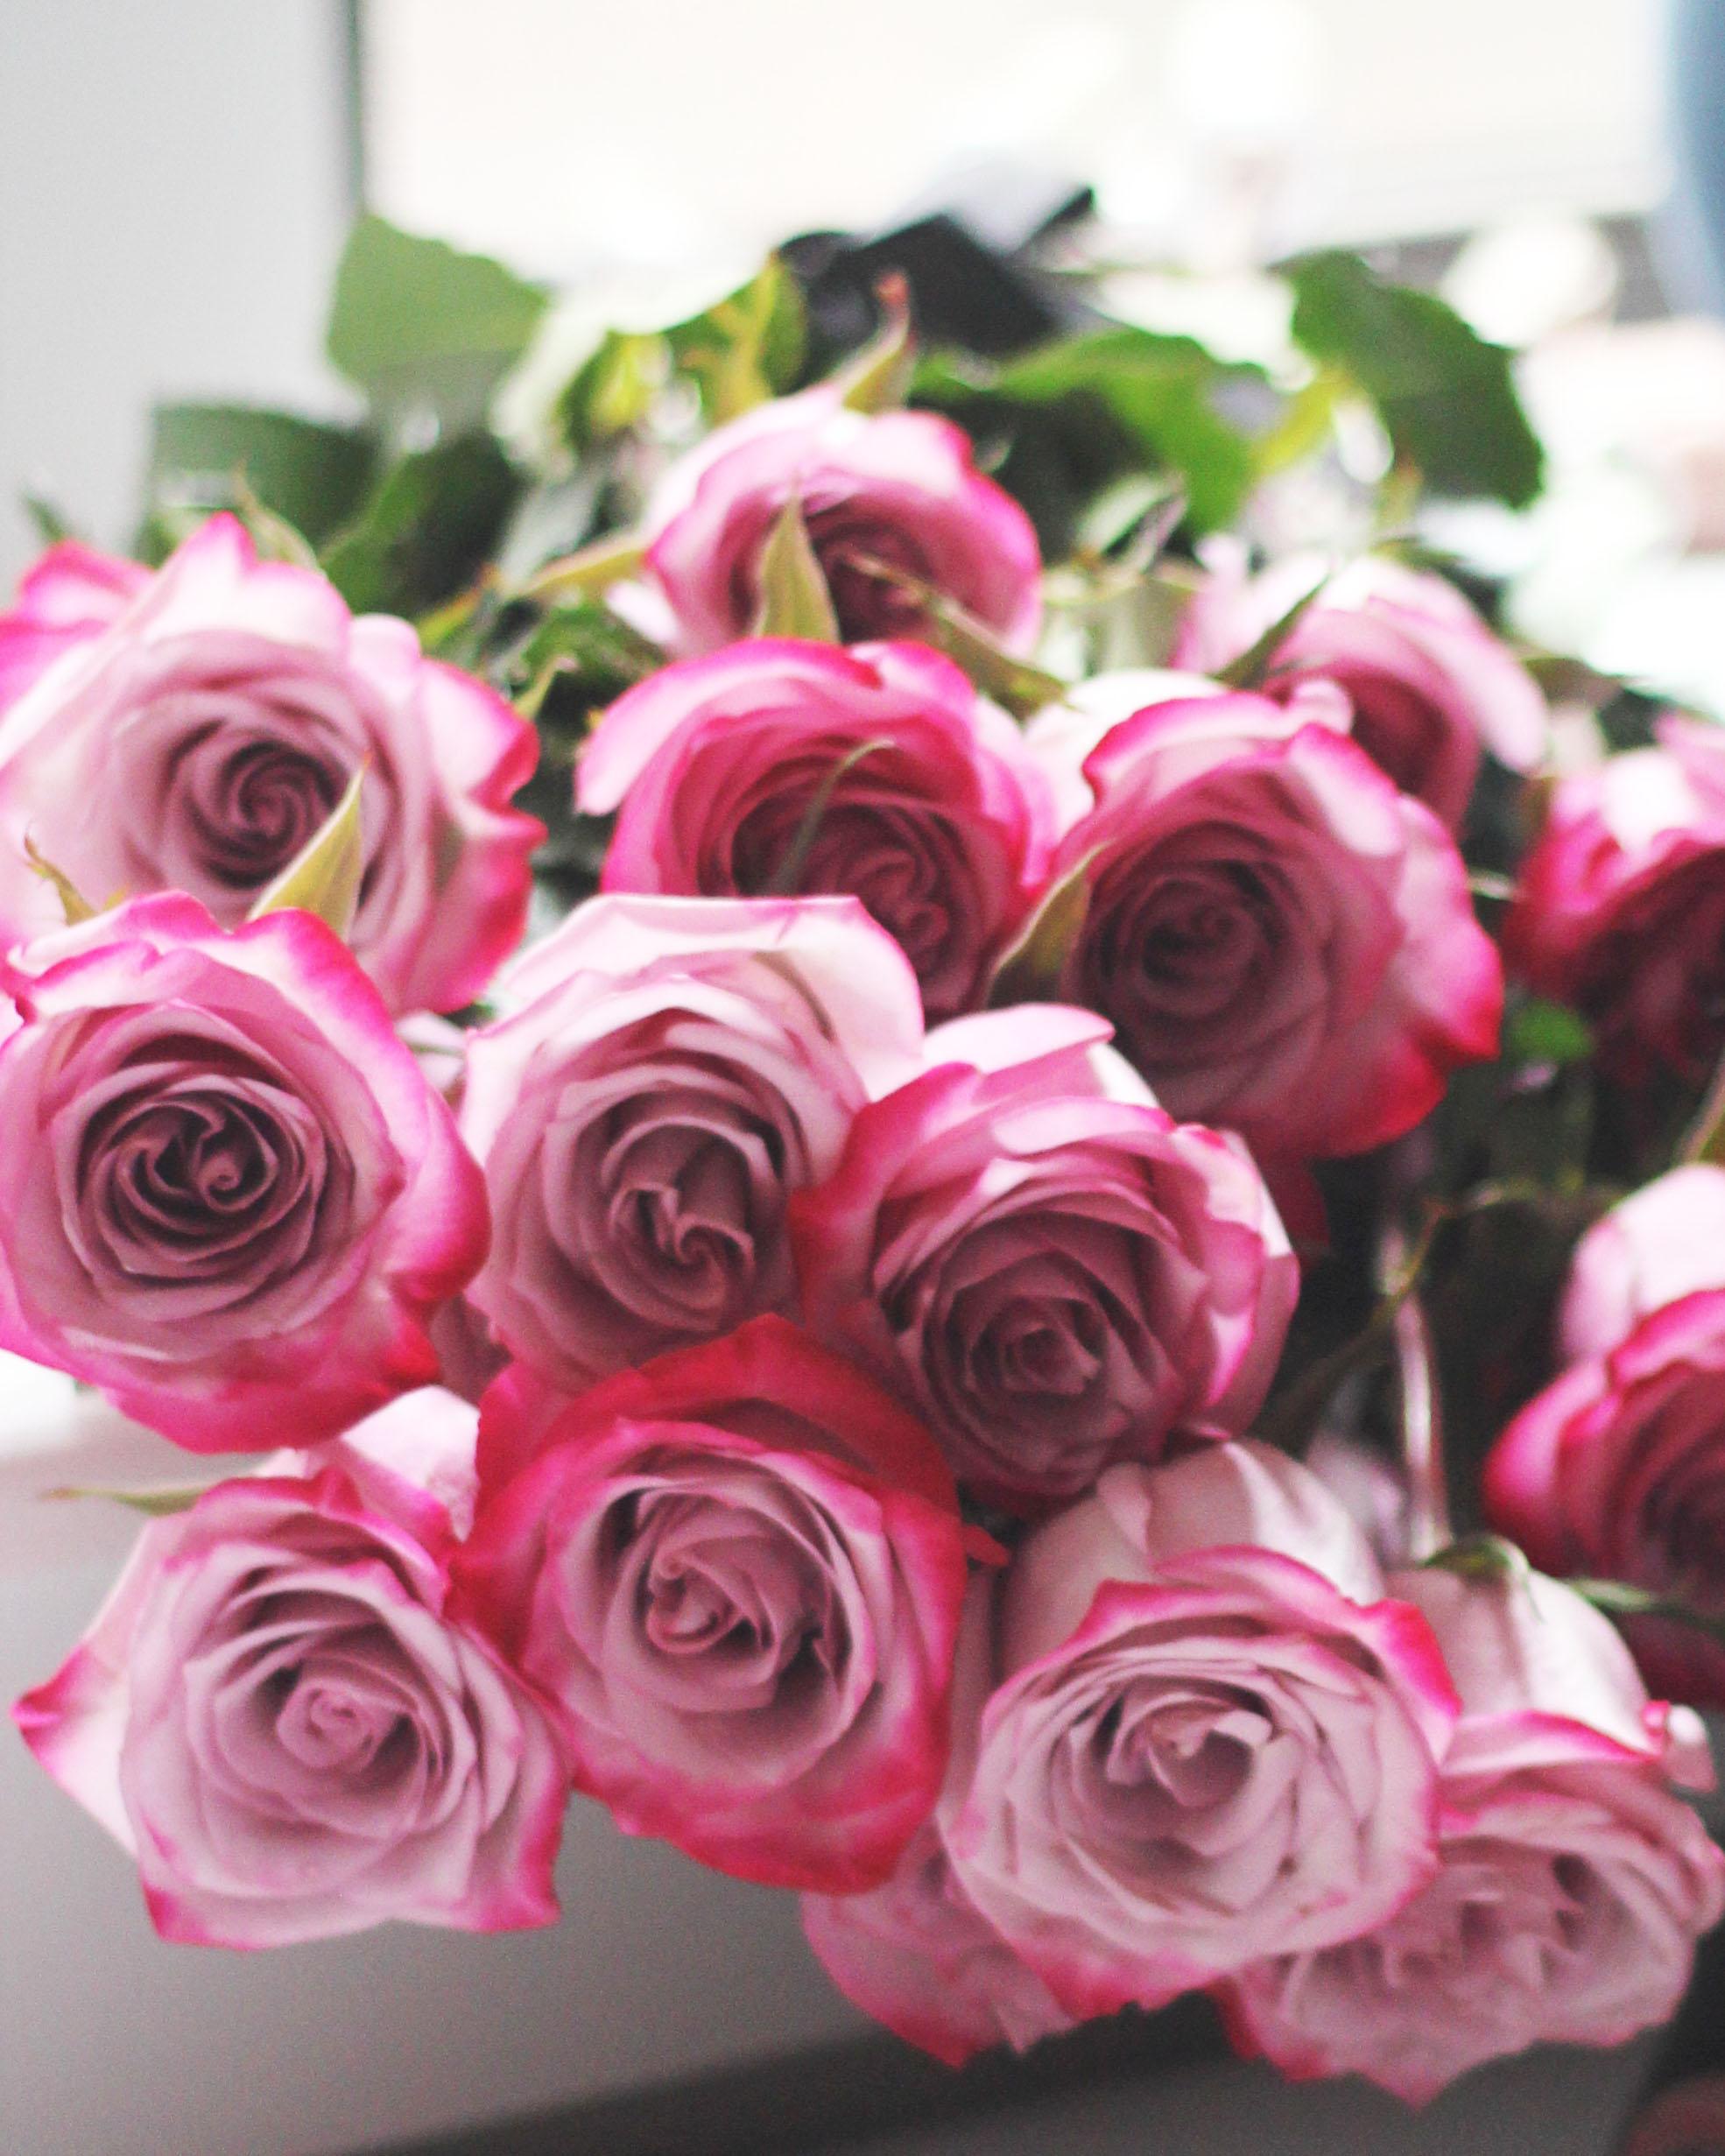 Roses-1.jpg